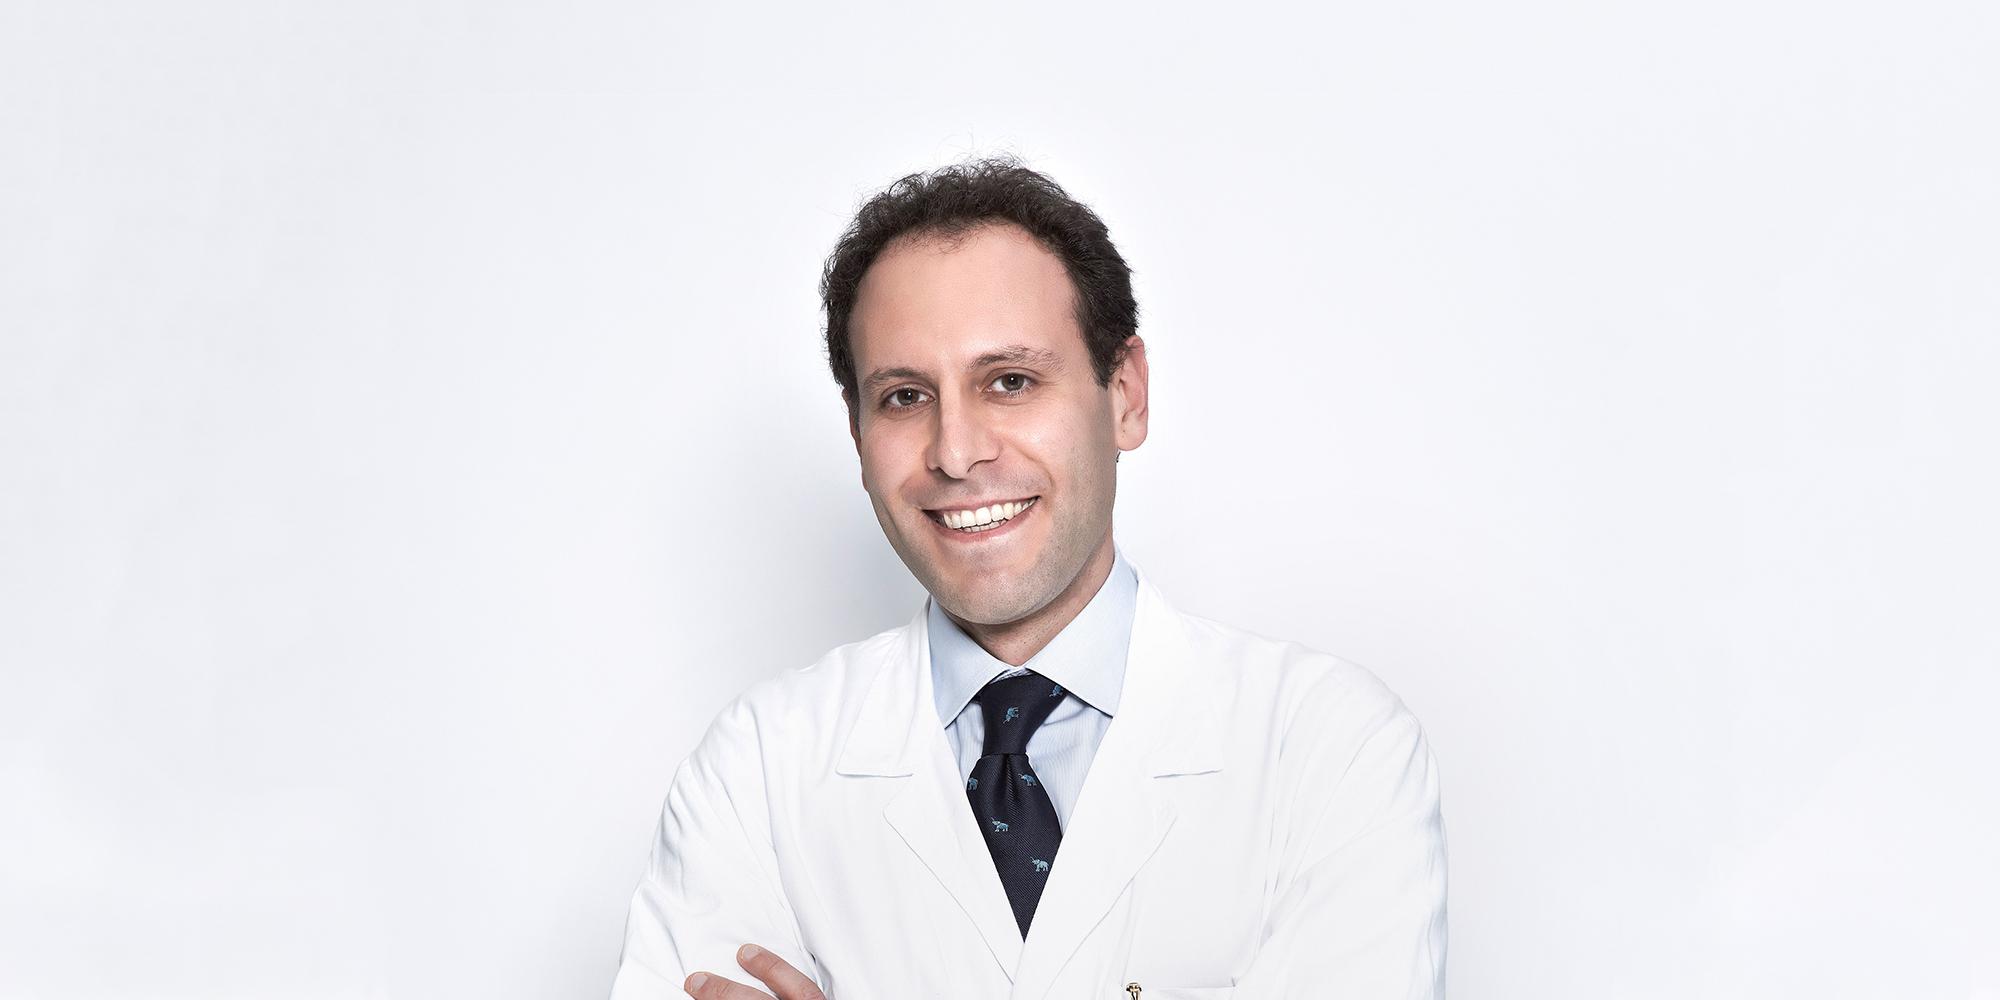 Ritratto di un medico dell'ospedale San Raffaele di Milano